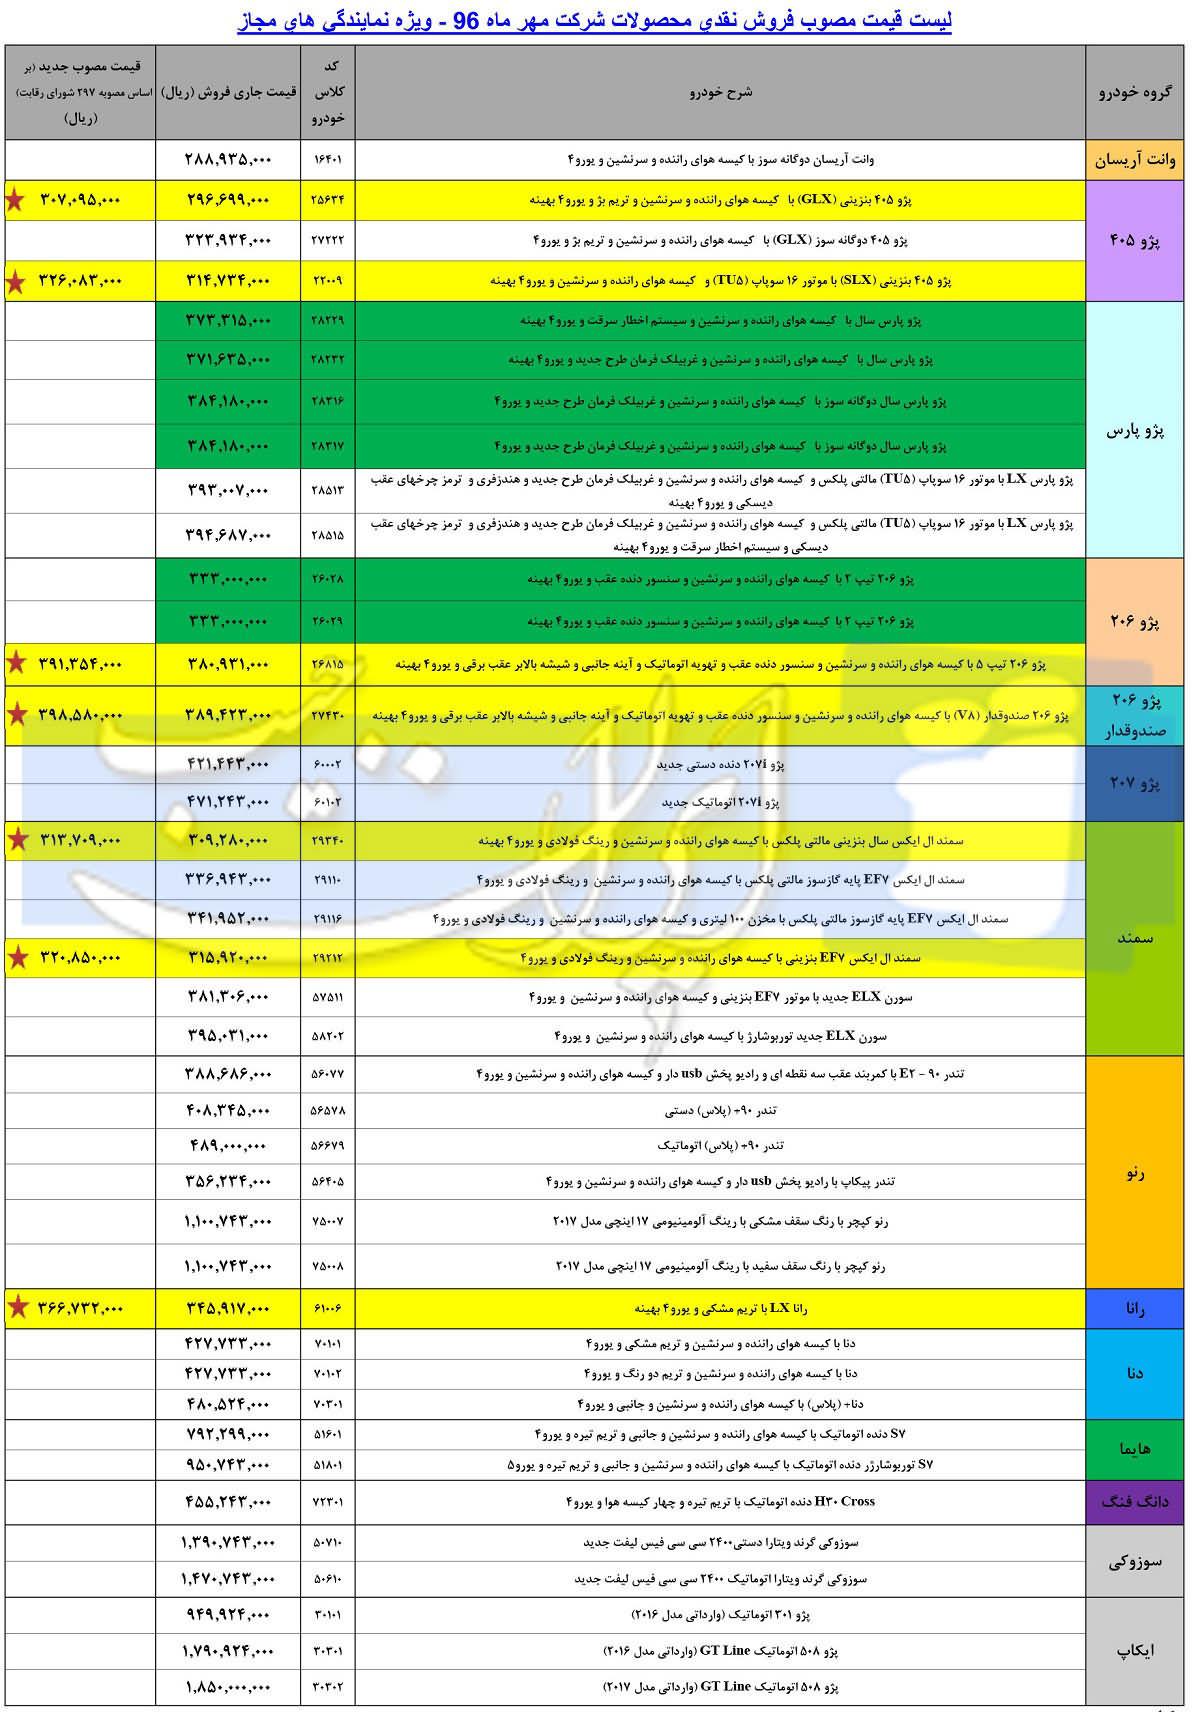 لیست قیمت جدید کارخانه ای محصولات ایران خودرو - مهر 96